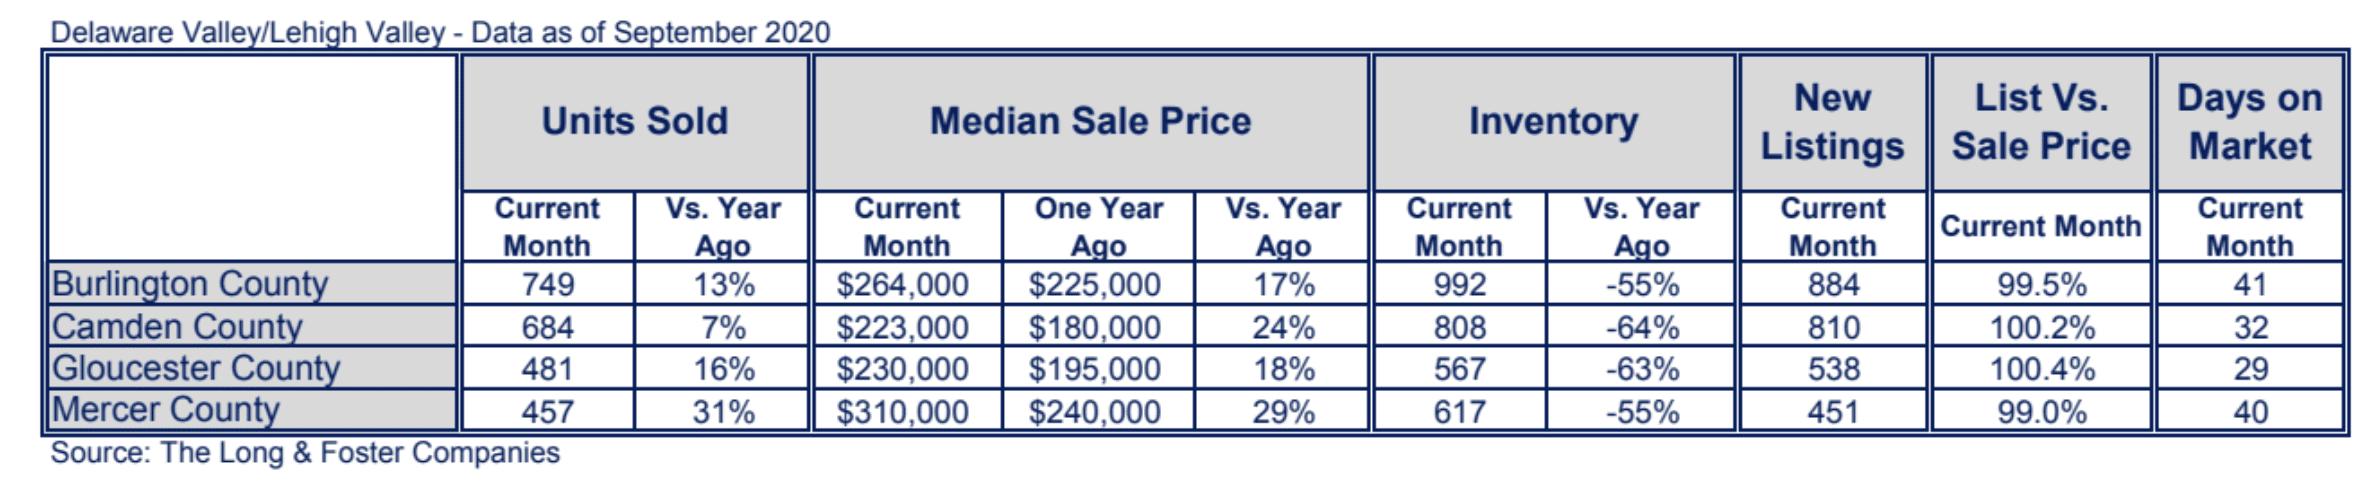 New Jersey Suburbs Market Minute Chart September 2020